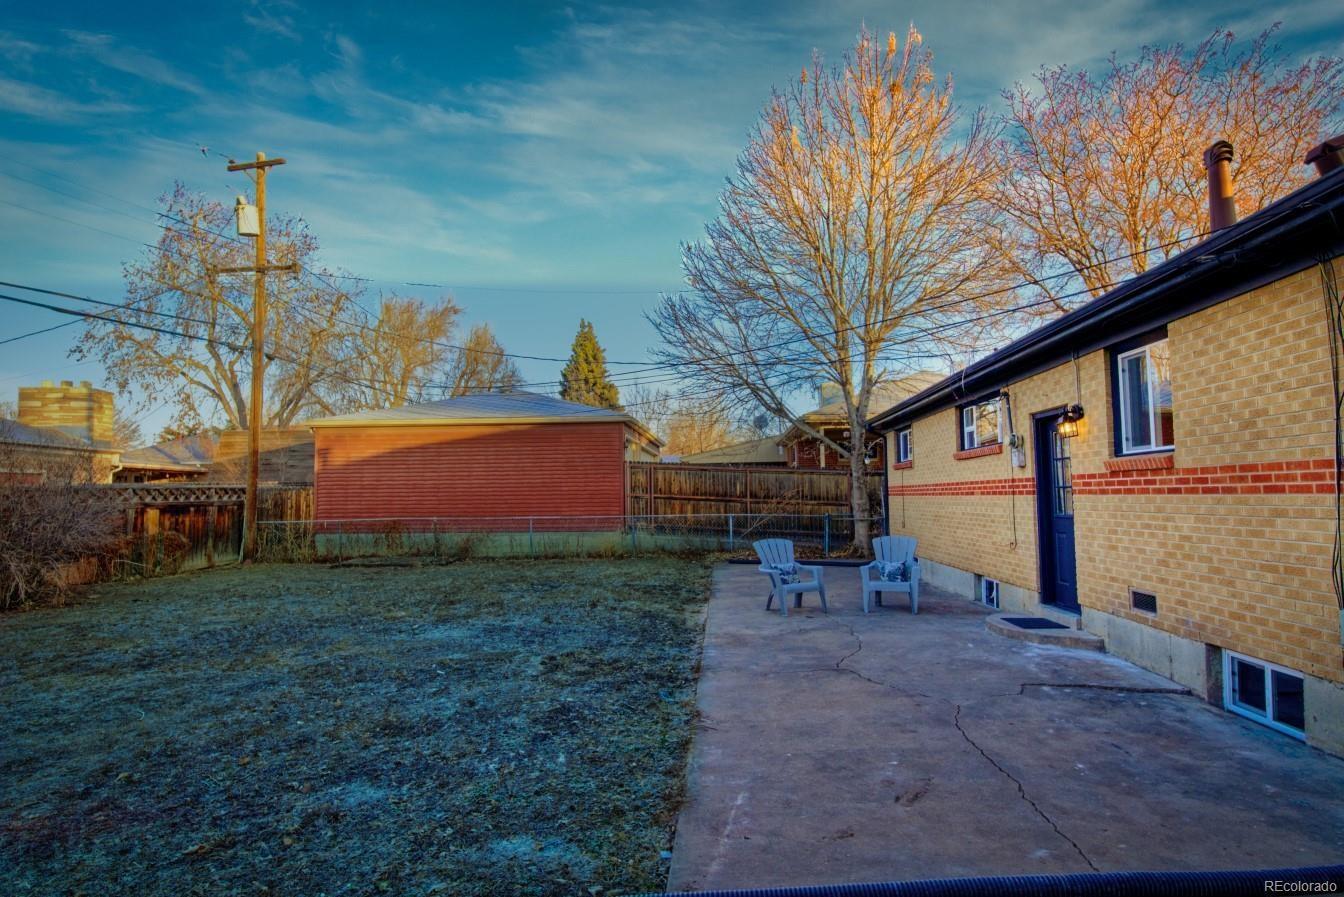 MLS# 4644043 - 38 - 7767 Quivas Street, Denver, CO 80221